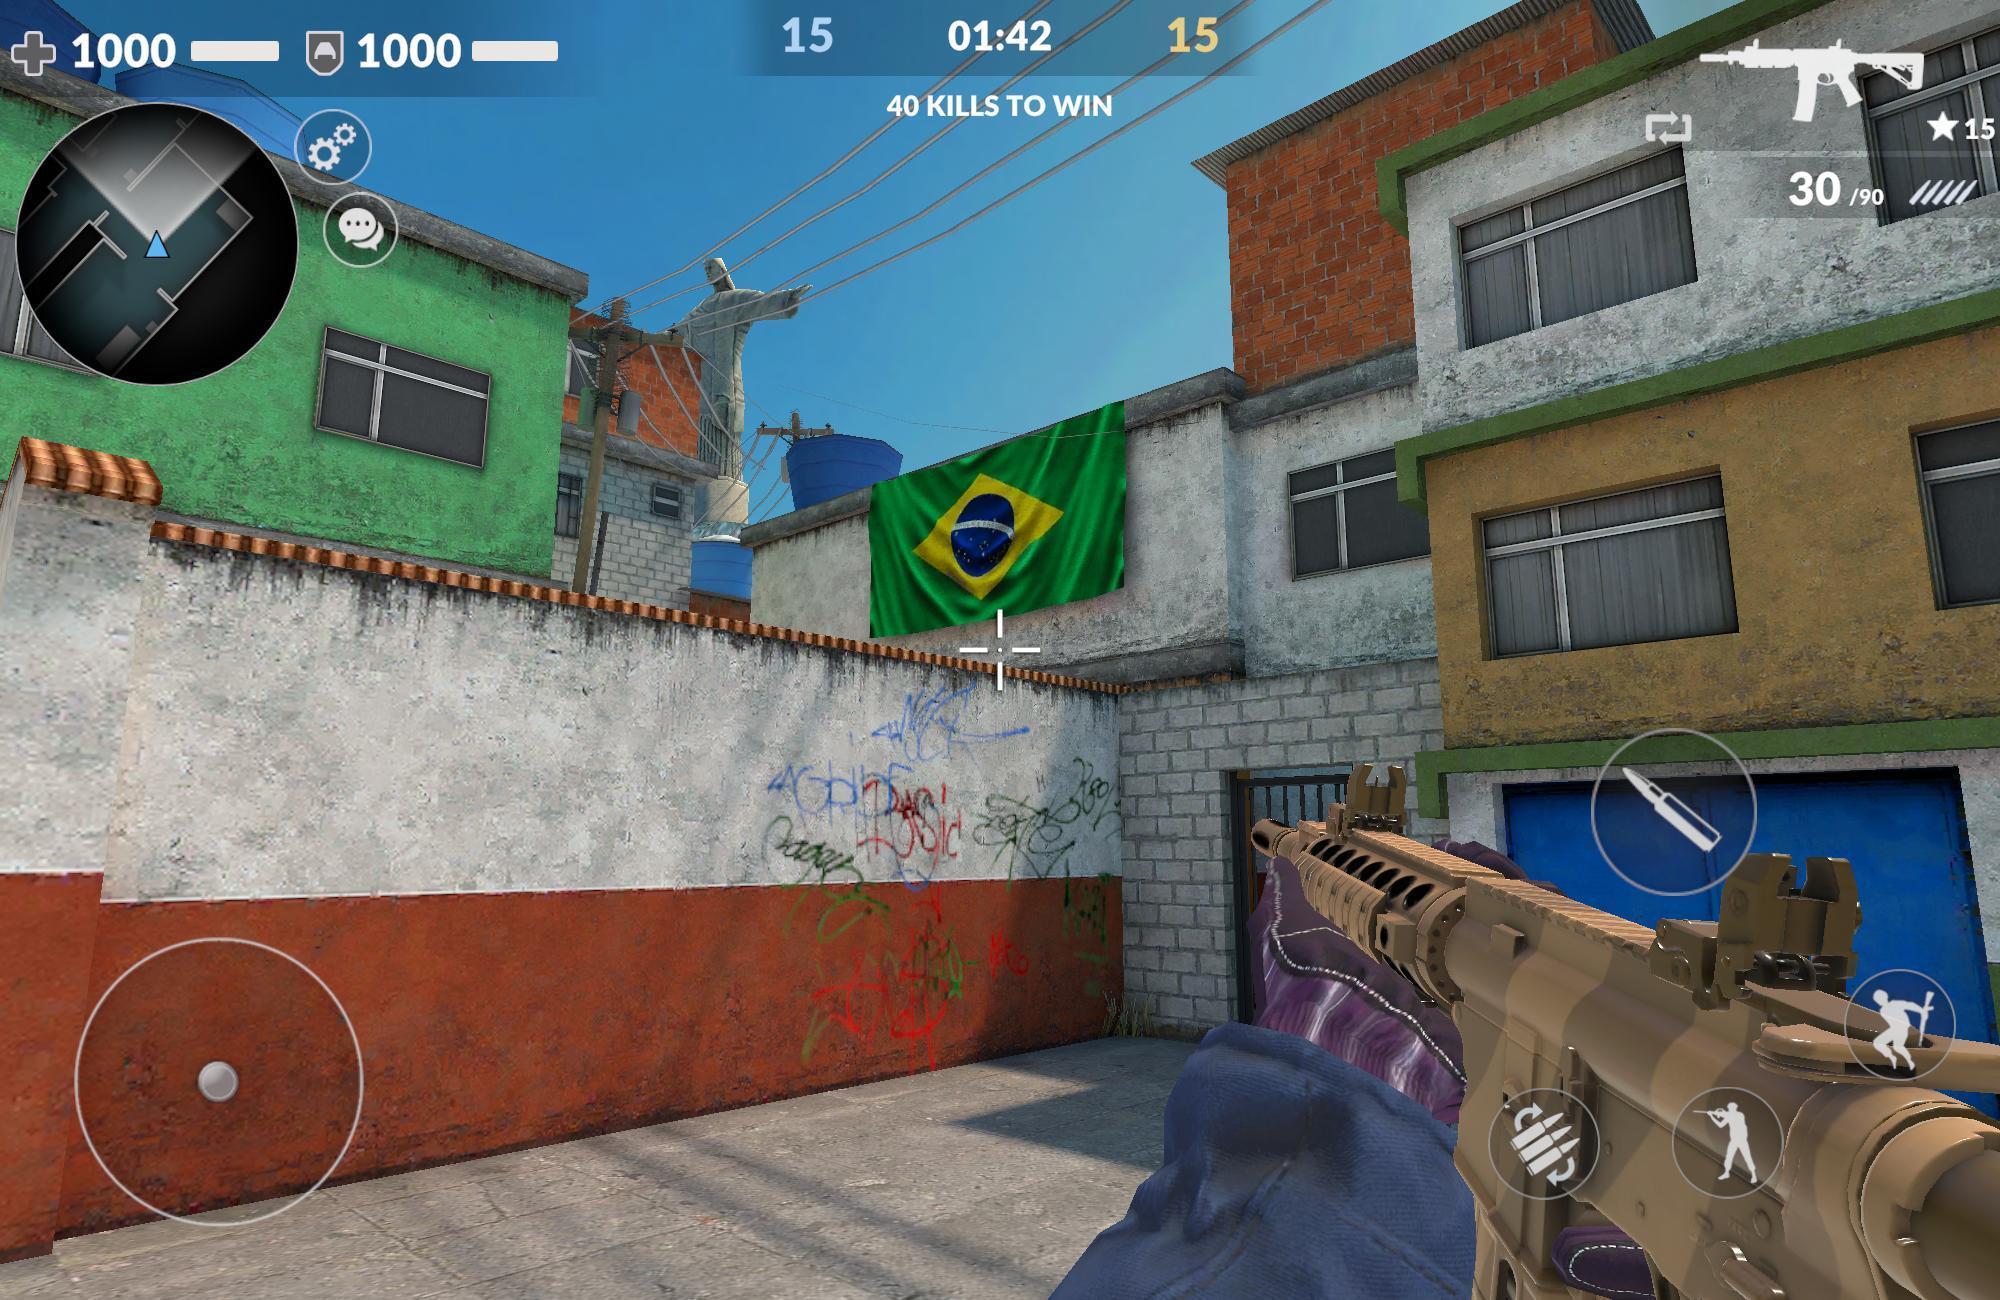 Critical Strike CS: Counter Terrorist Online FPS 9.9990 Screenshot 21